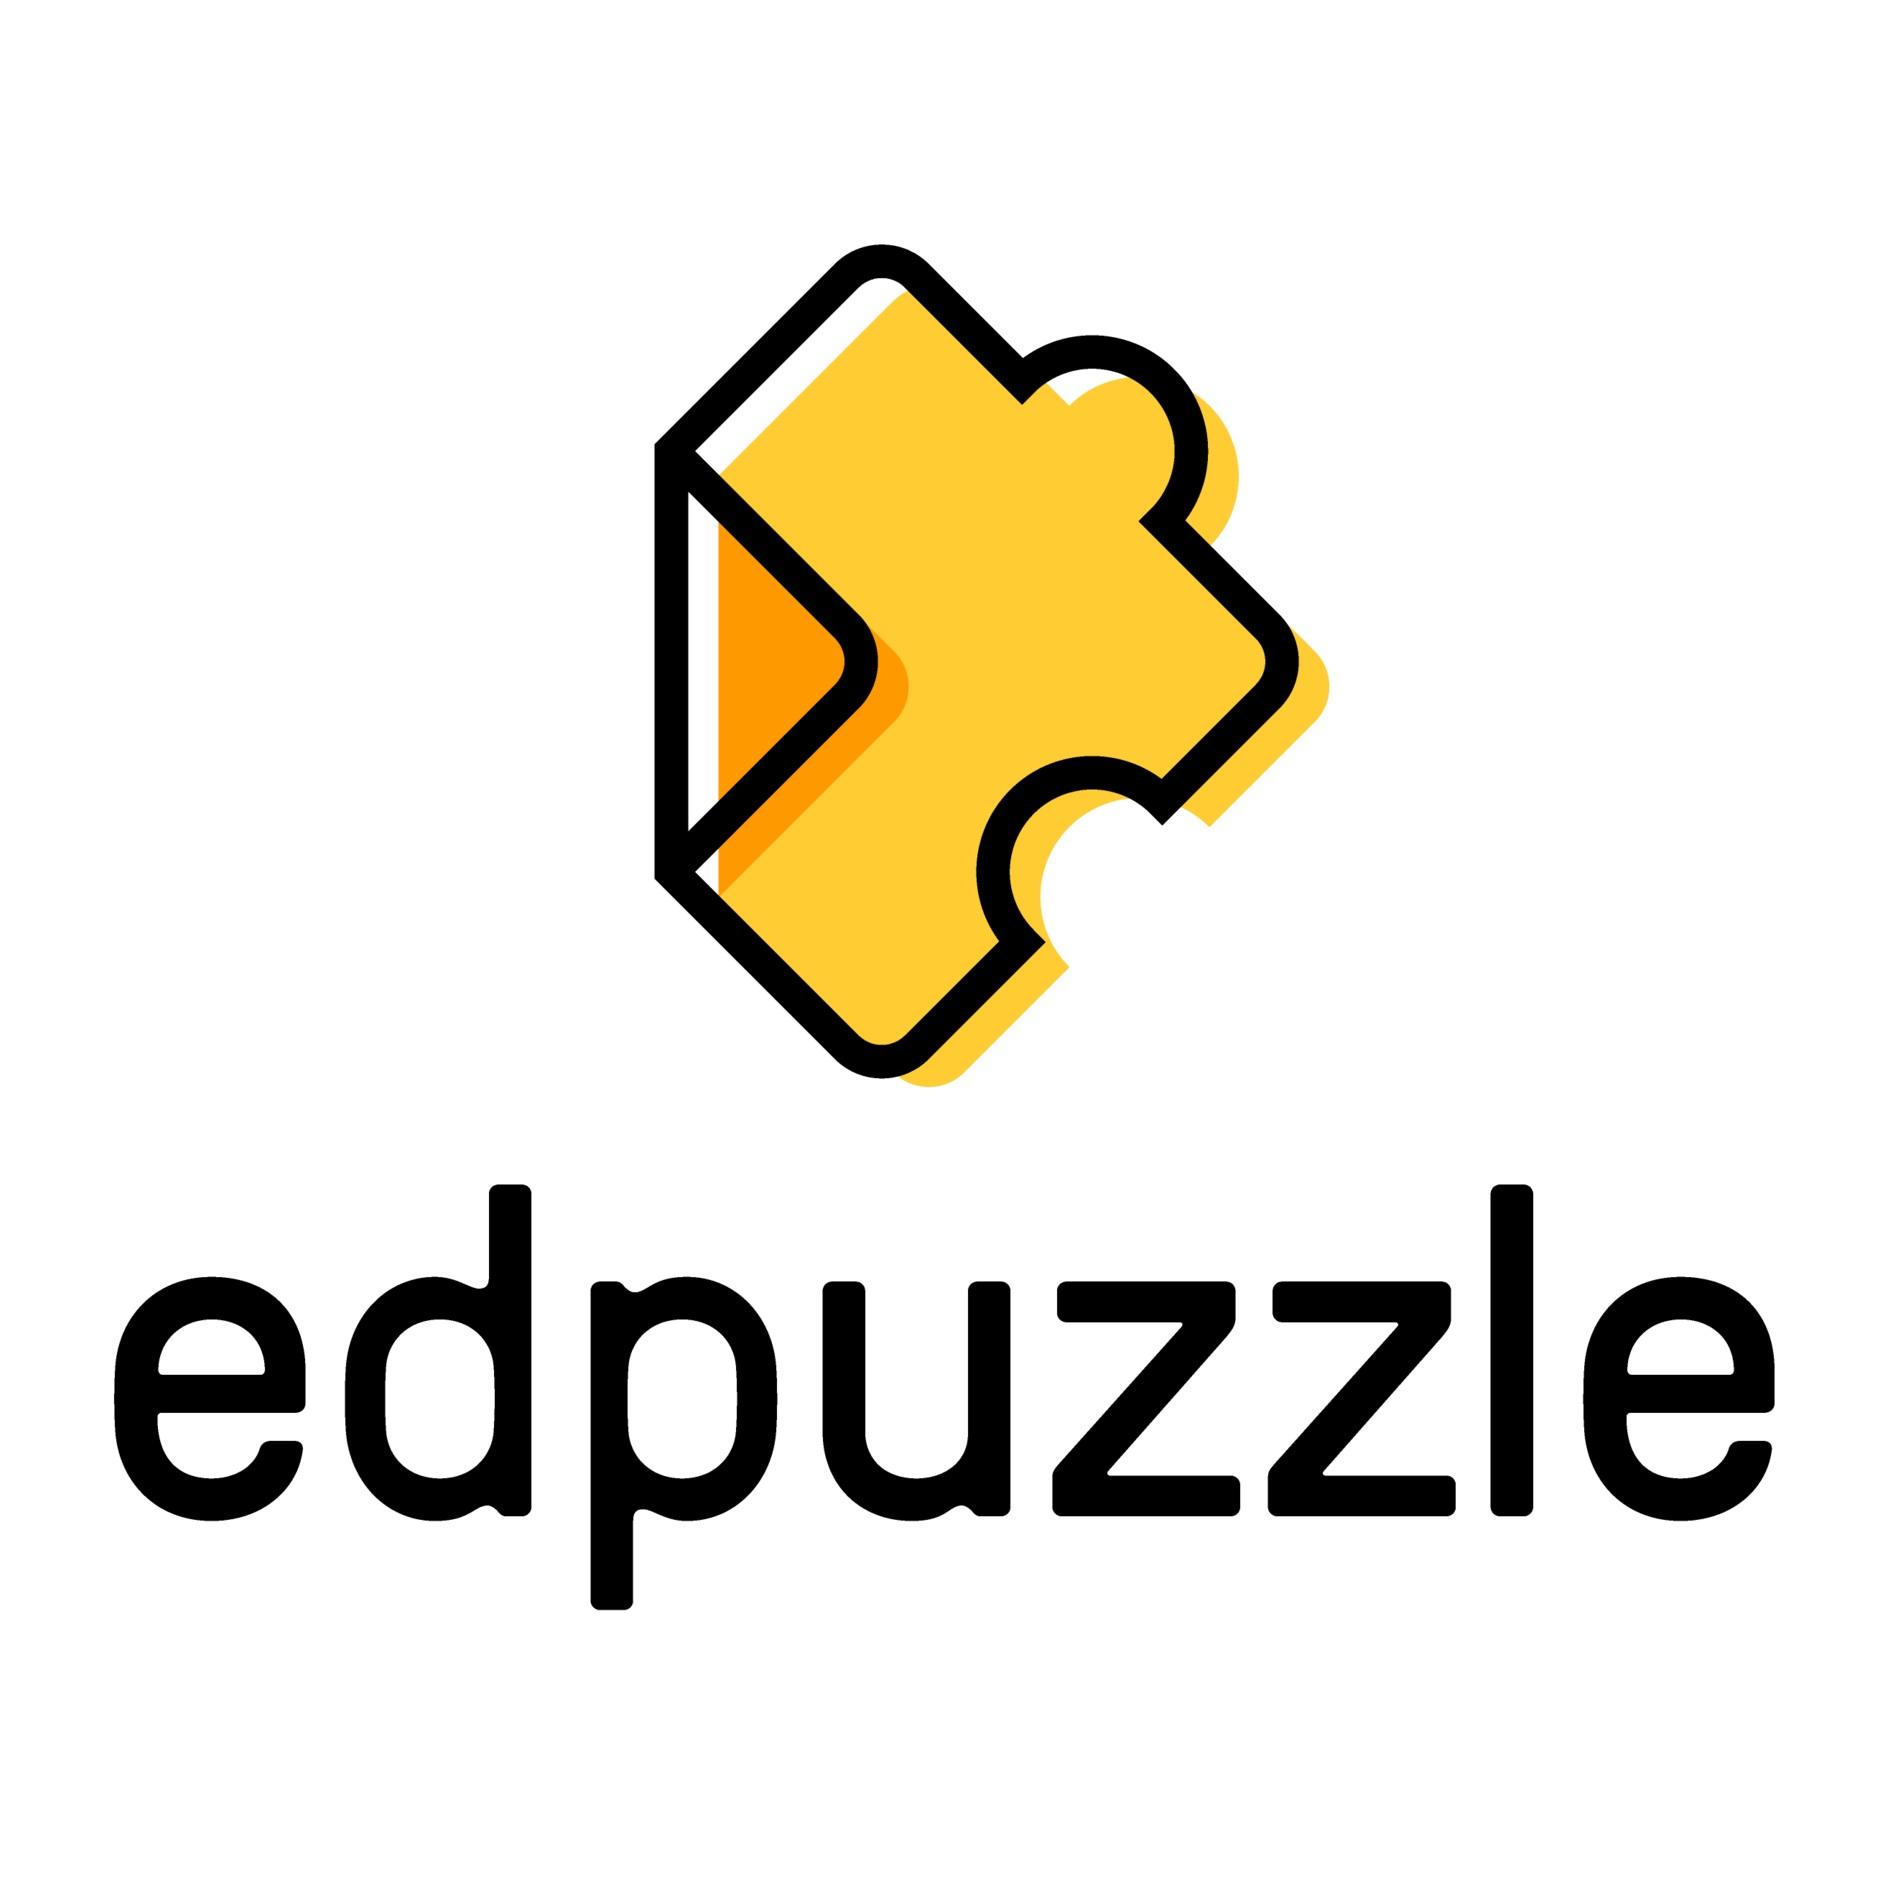 https://edpuzzle.com